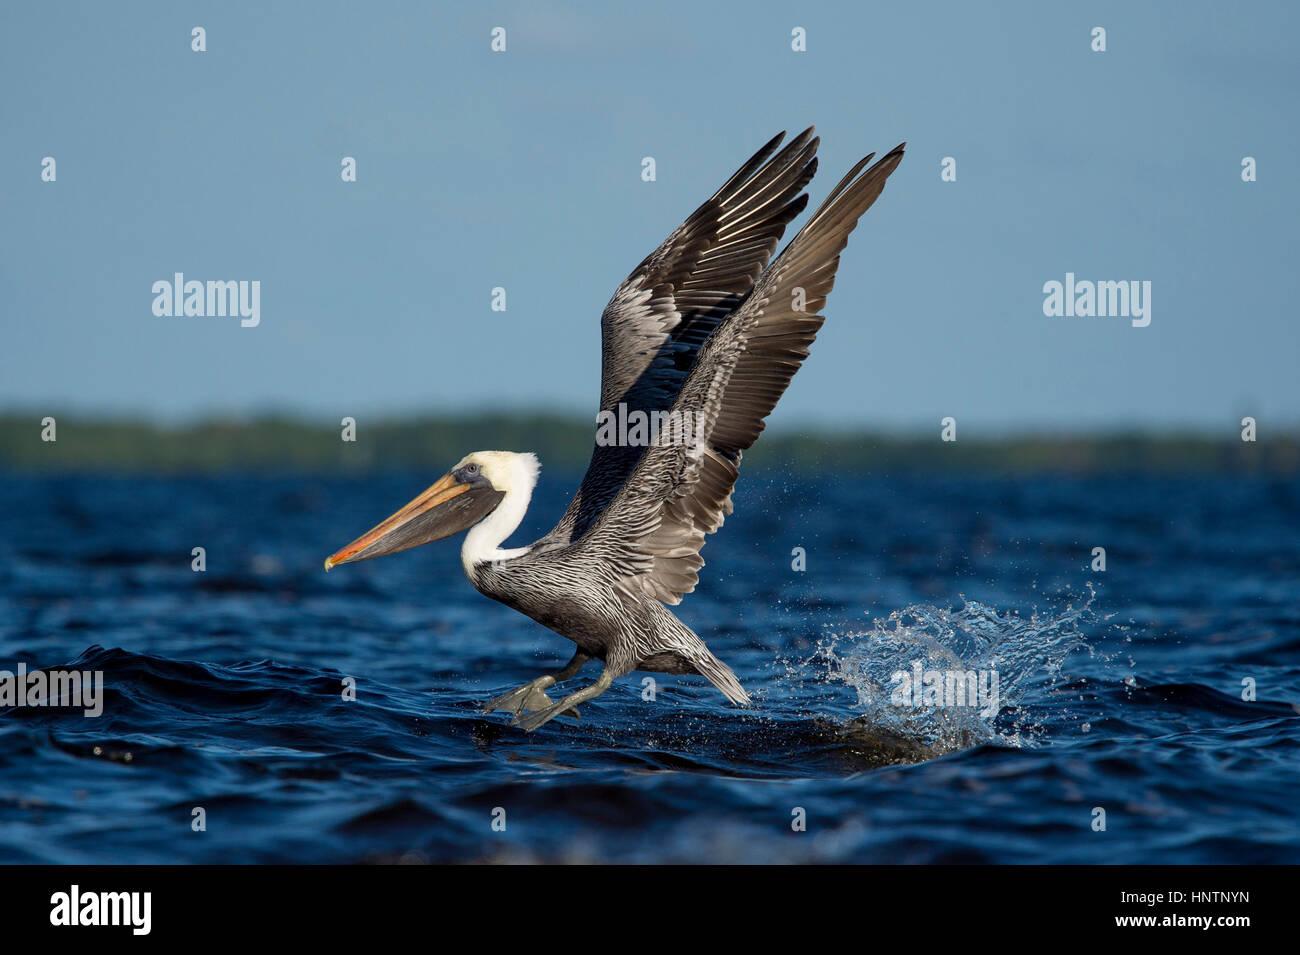 Un adulte Pélican brun décolle de l'eau avec une grande éclaboussure et ses ailes sur une journée Photo Stock